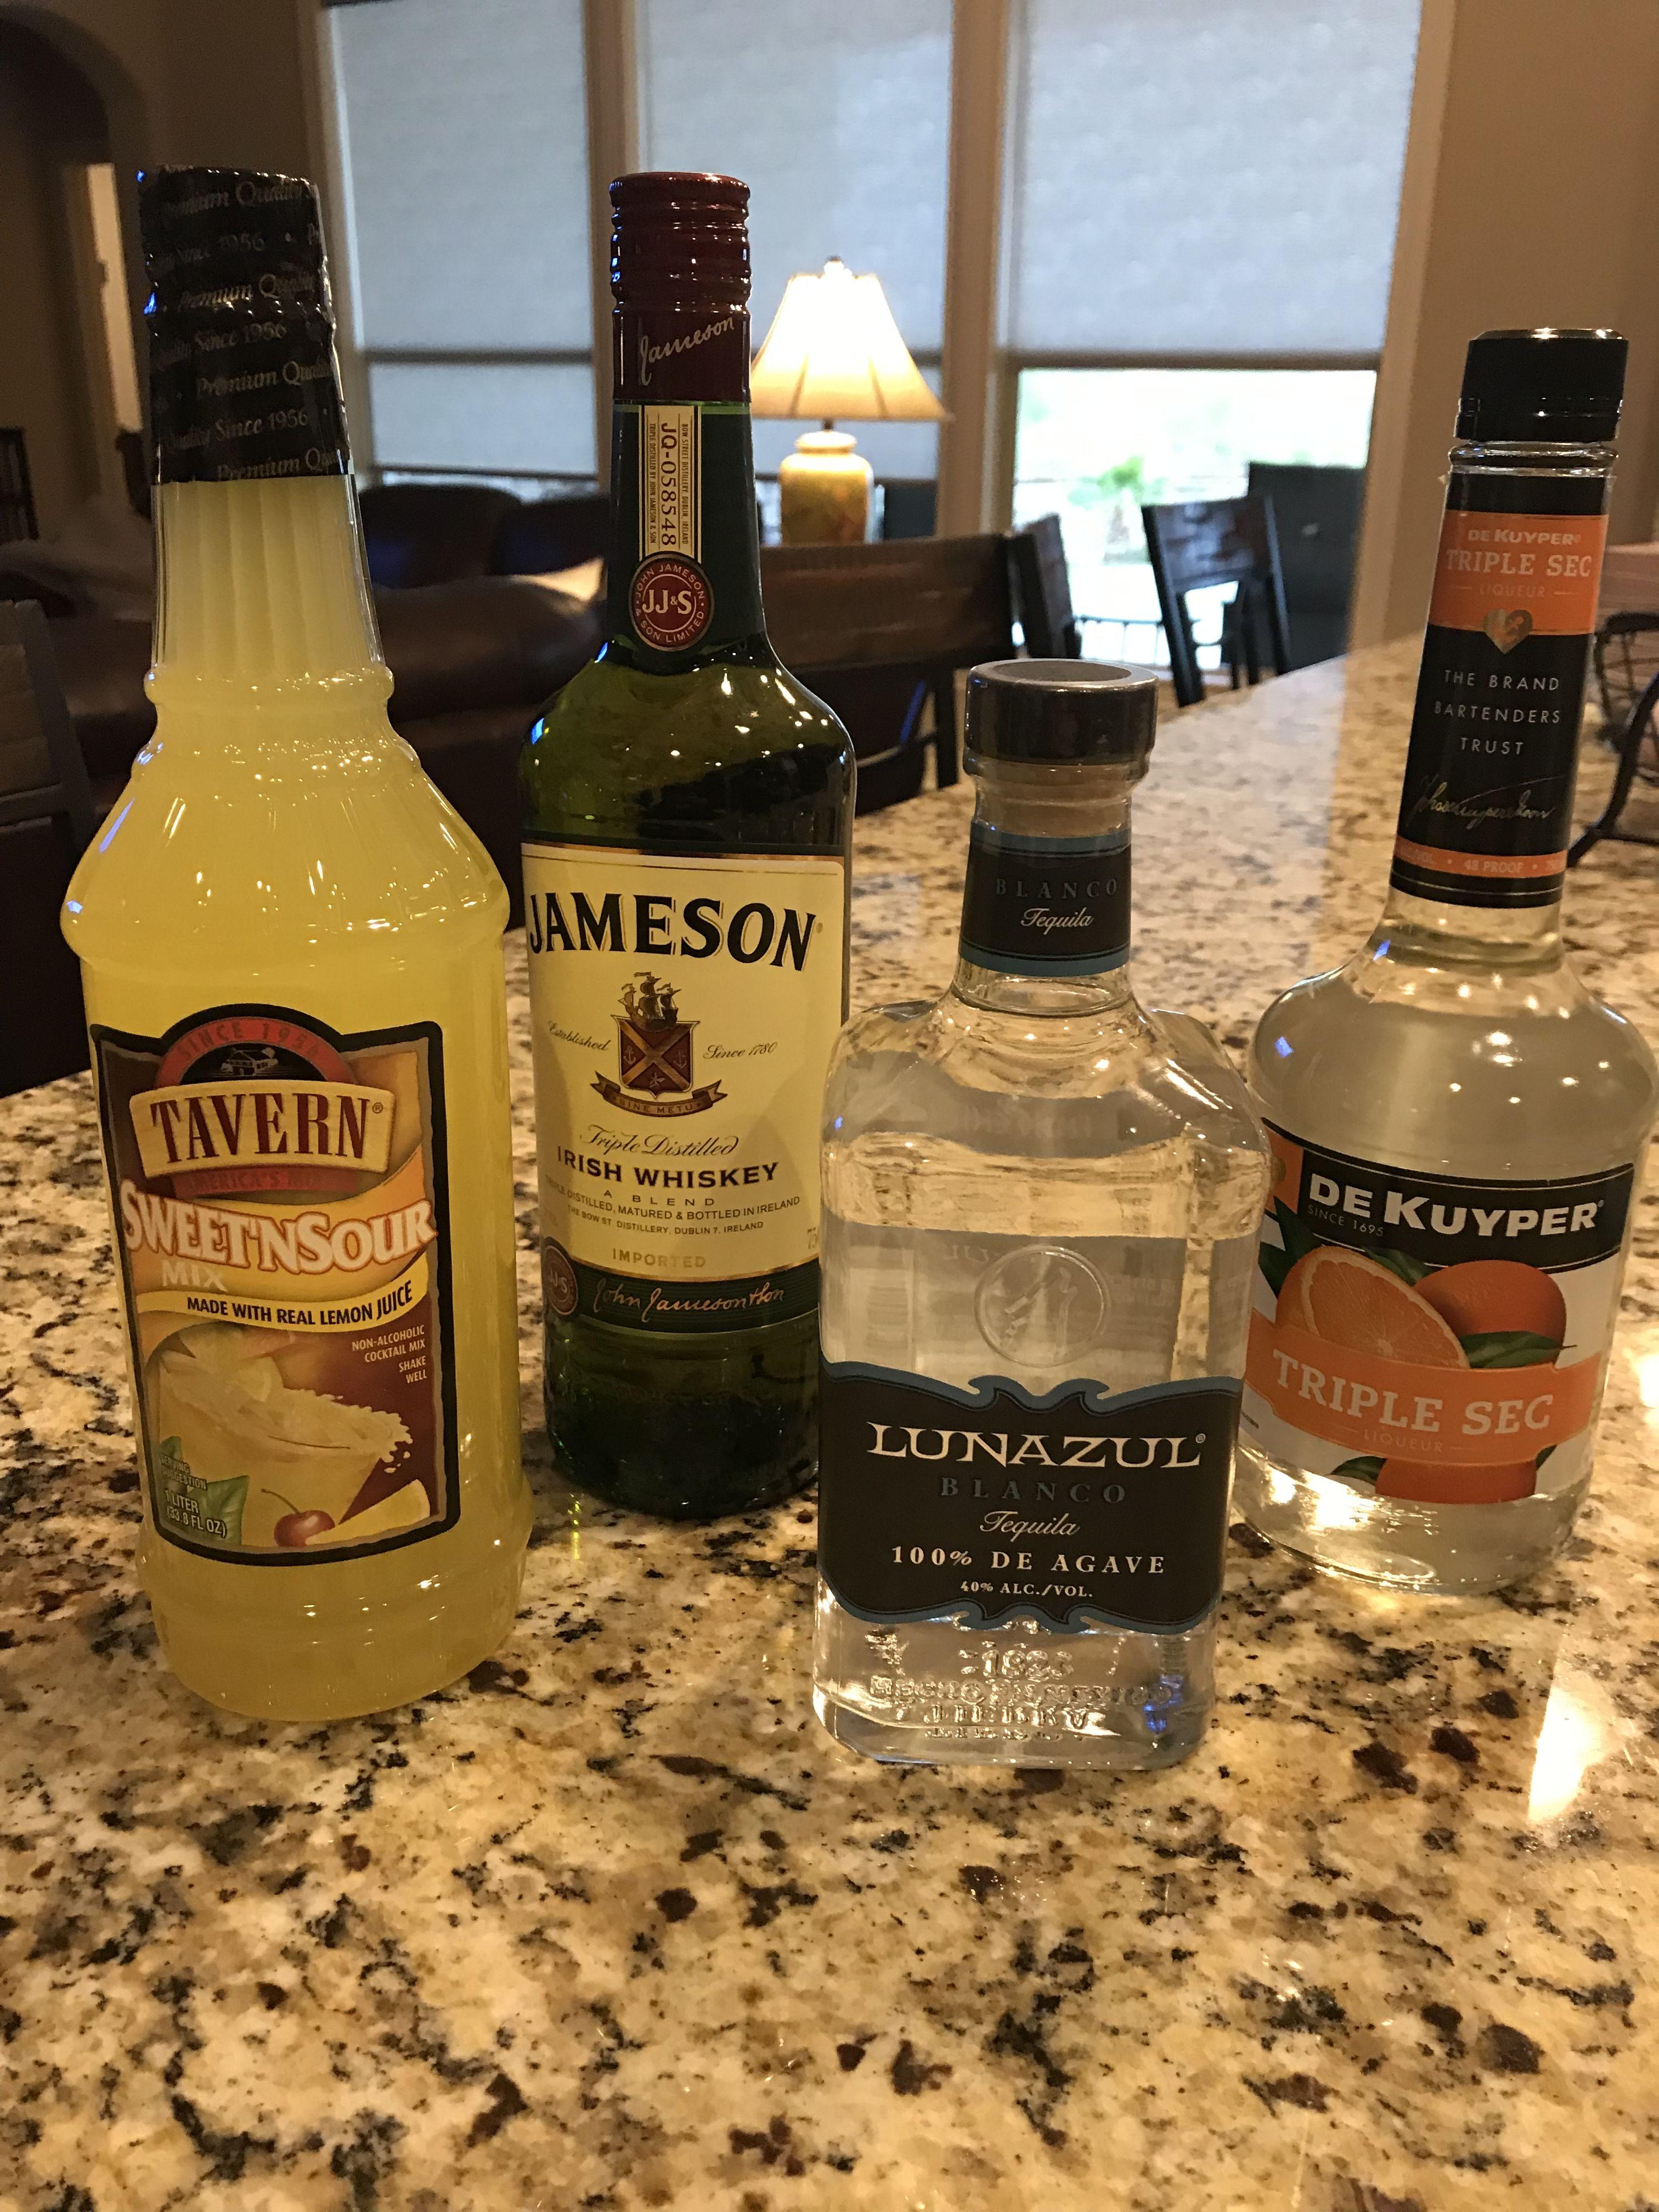 Jameson Margarita Chili S The Luck Jameson Copycat Irish Drinks Jameson Irish Whiskey